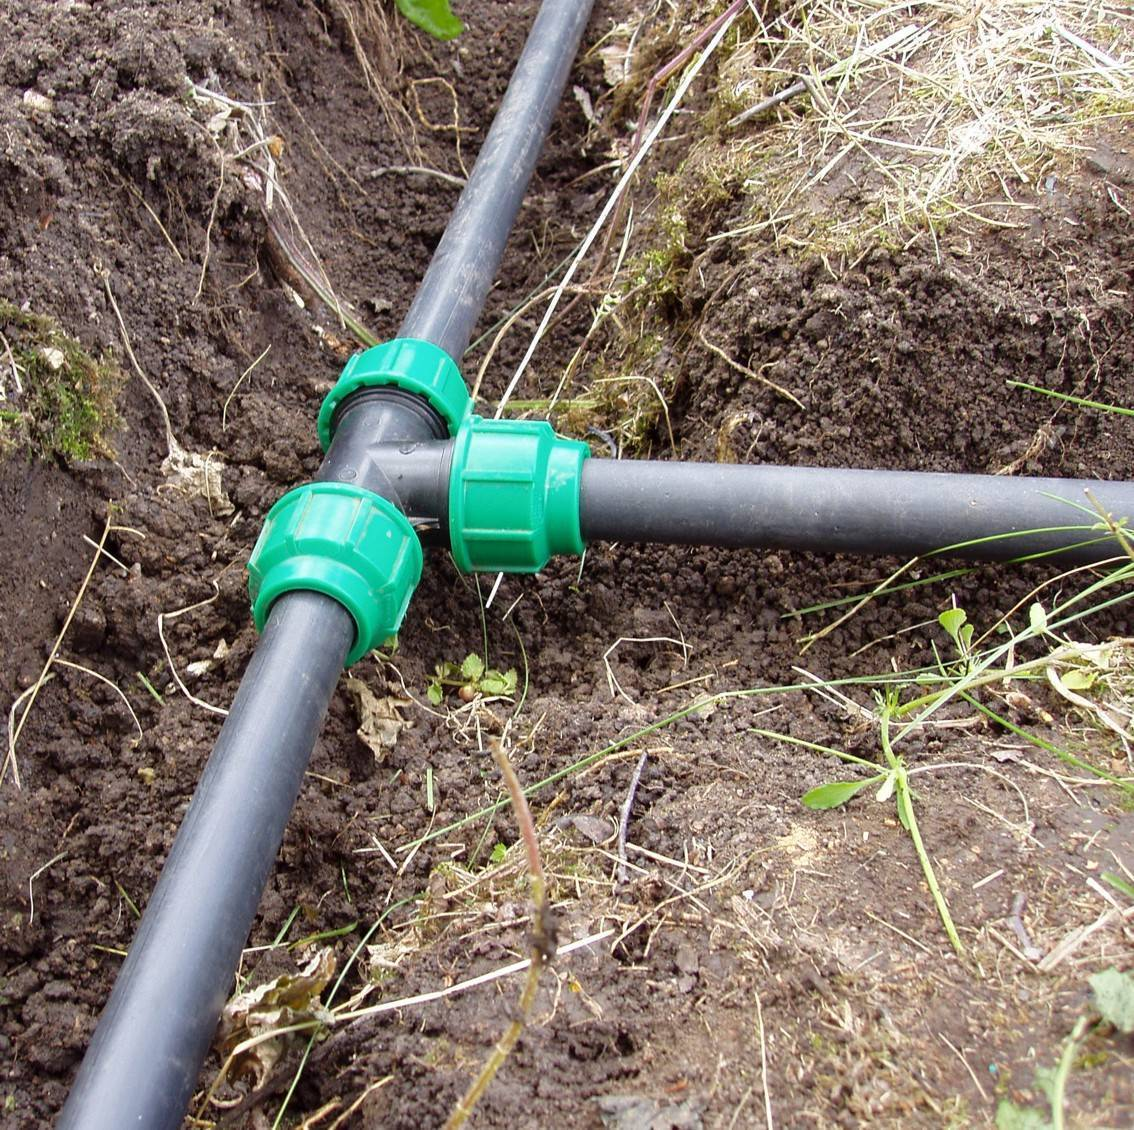 Труба пнд техническая для кабеля – гладкая и гофрированная   для канализации и водопровода – характеристики